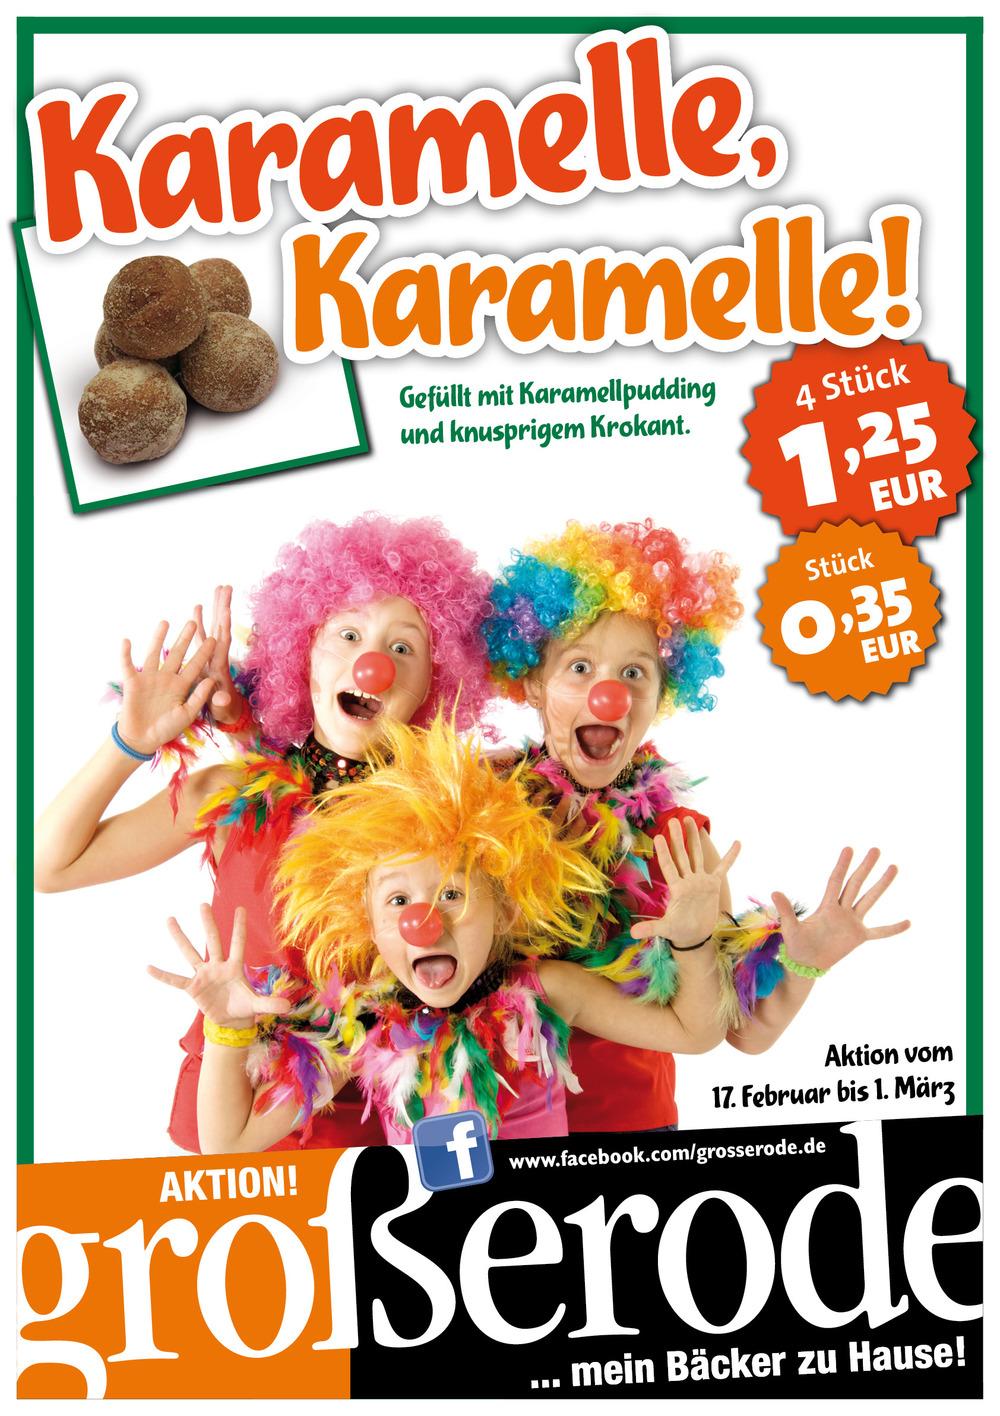 20140113_Grosserode_Fasching_Karamelle_web.jpg